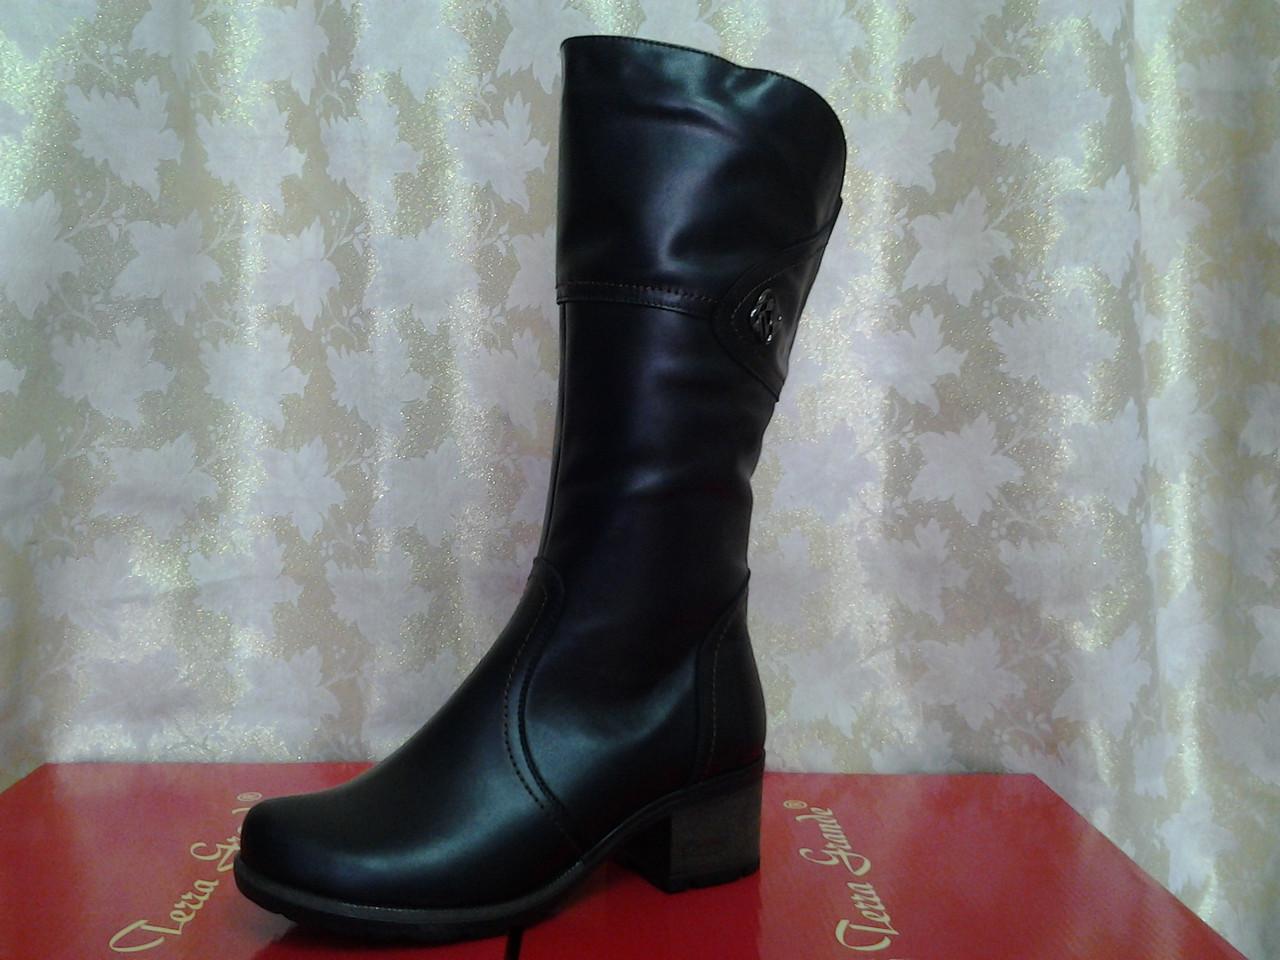 0beb597f7ed3 Зимние комфортные сапоги,полусапожки больших размеров Romax - Интернет- магазин Piligrim-shoes в